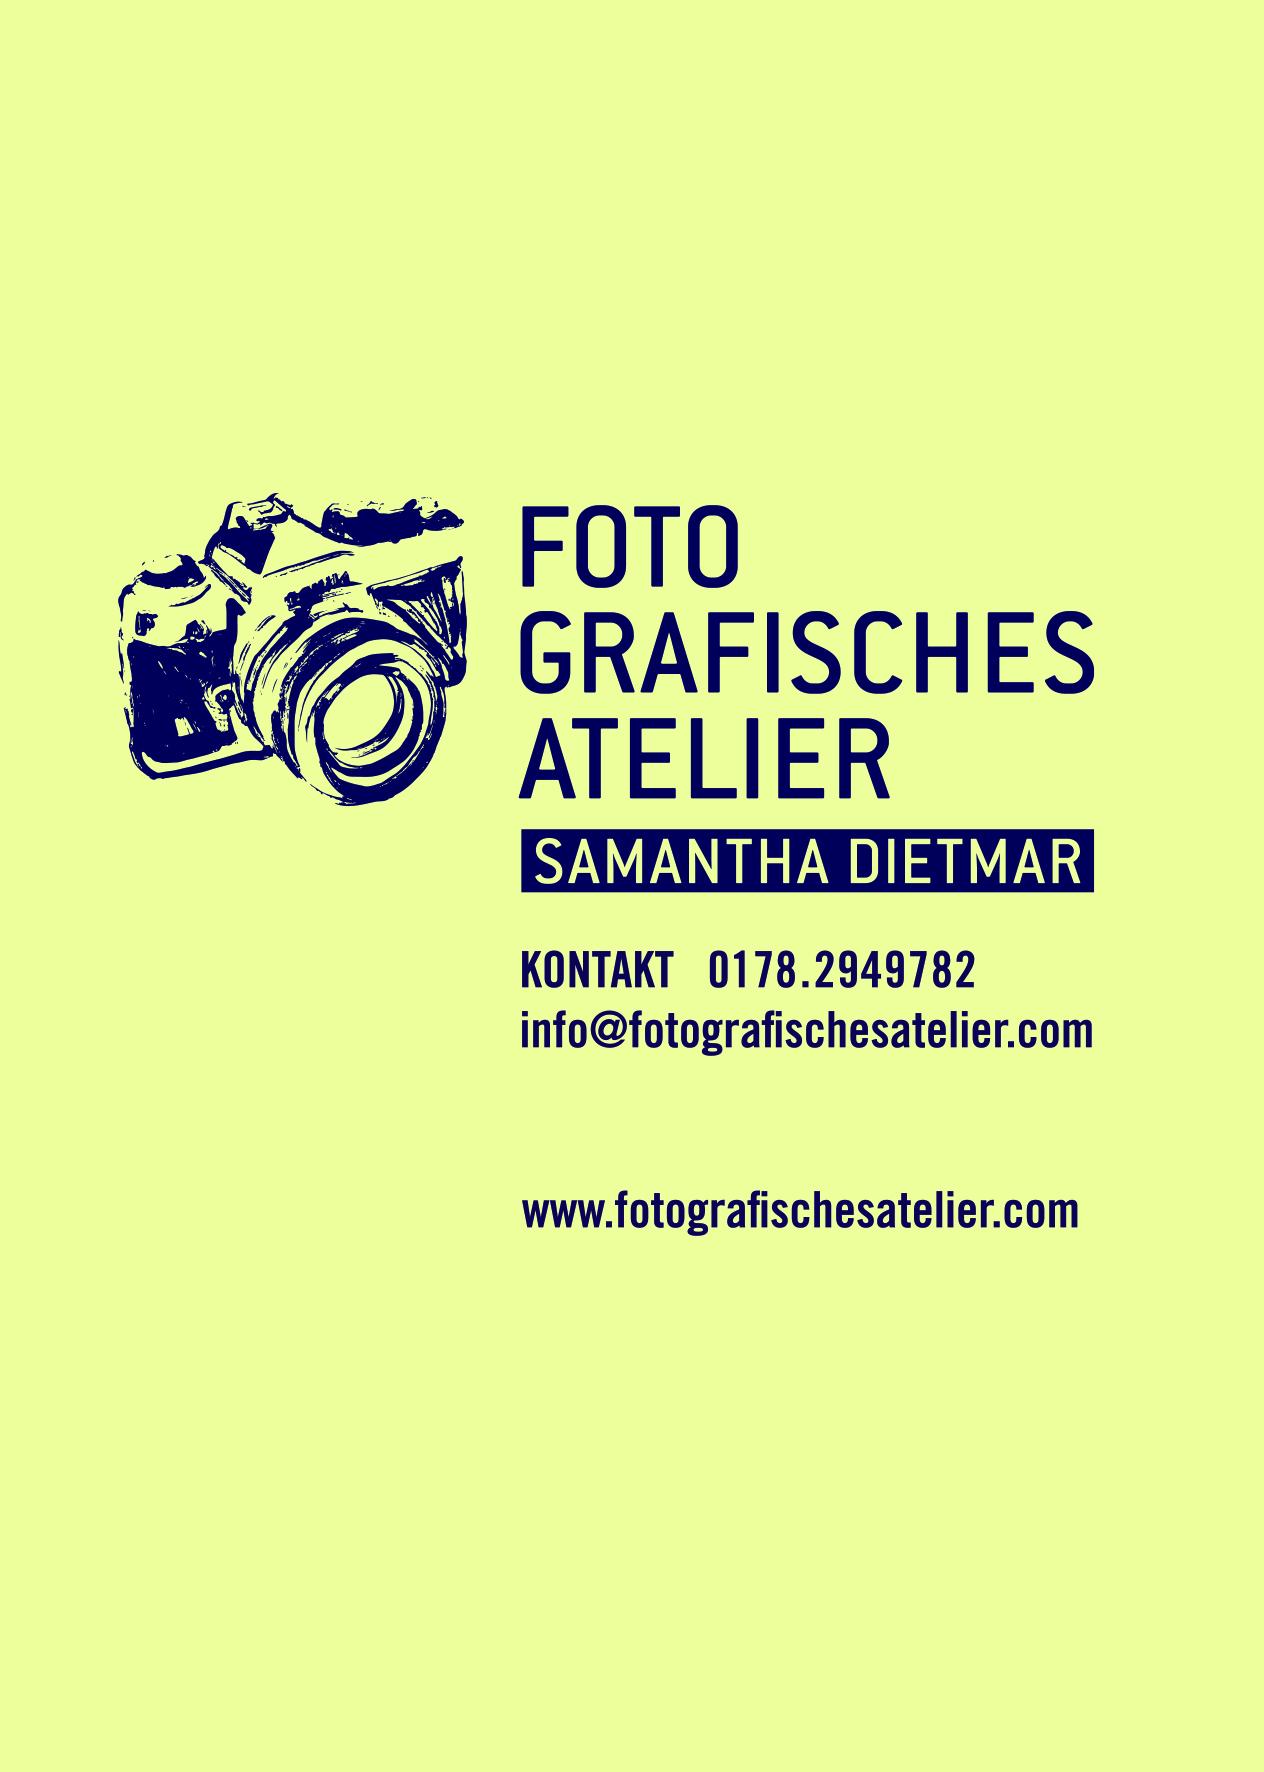 Postkarten Fotografisches Atelier.indd